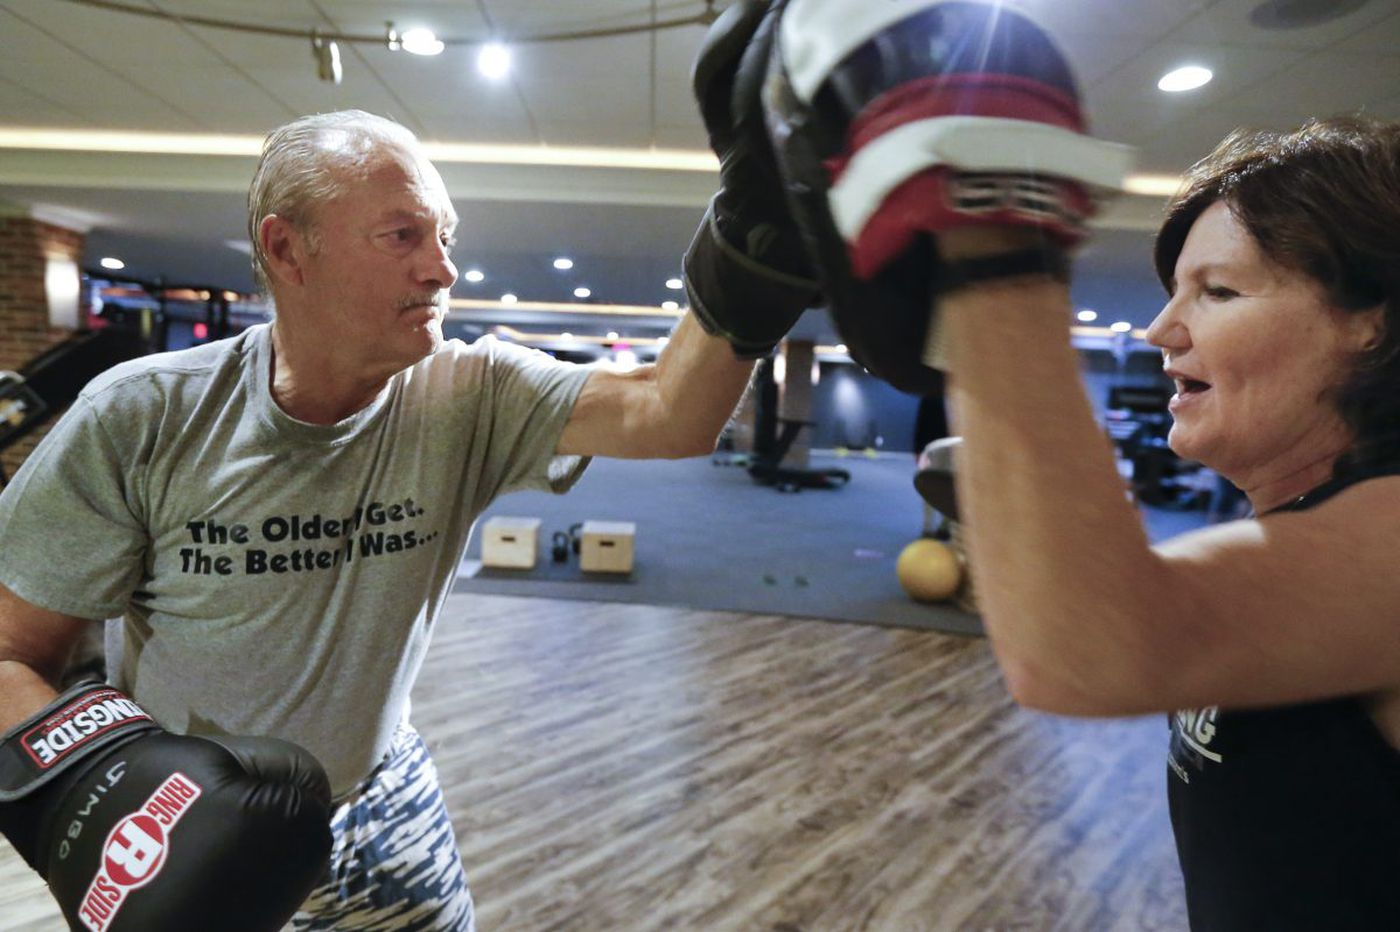 Punching hard at Parkinson's disease through boxing